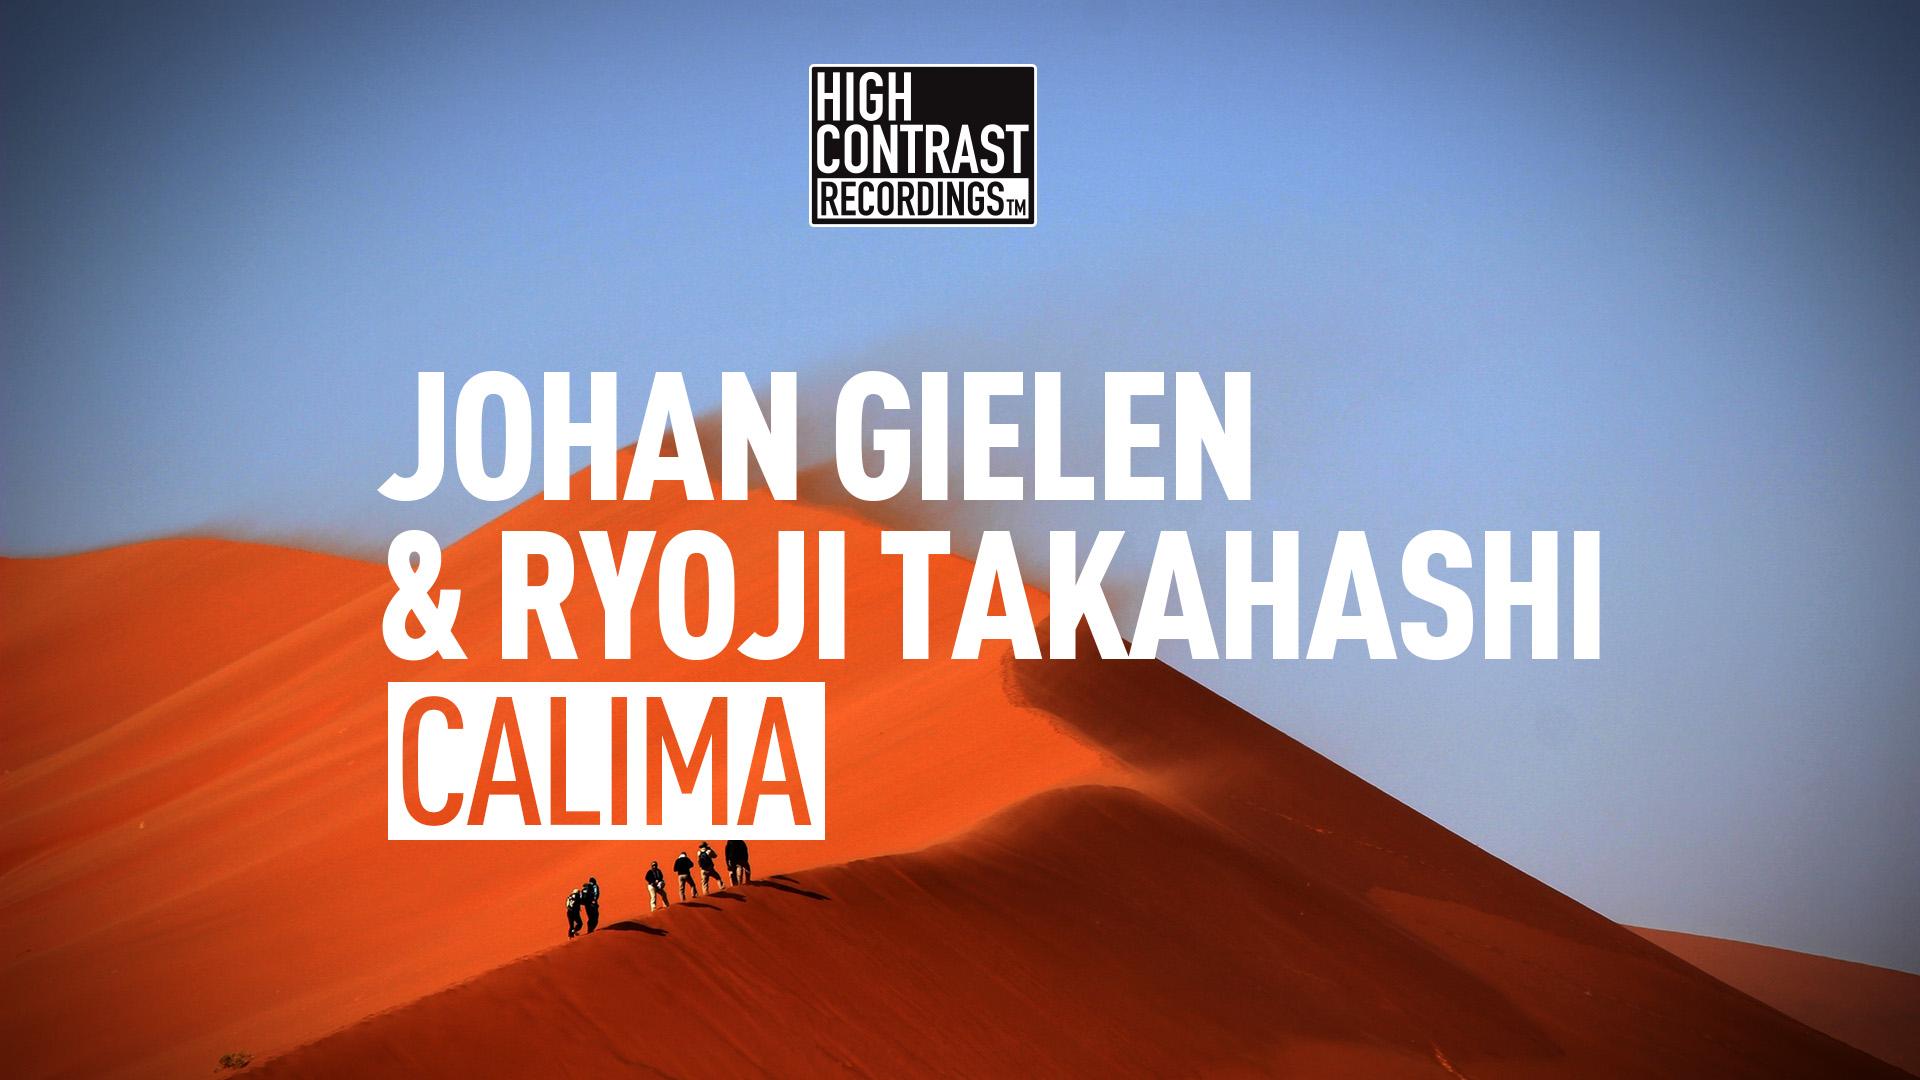 Johan Gielen & Ryoji Takahashi - Calima